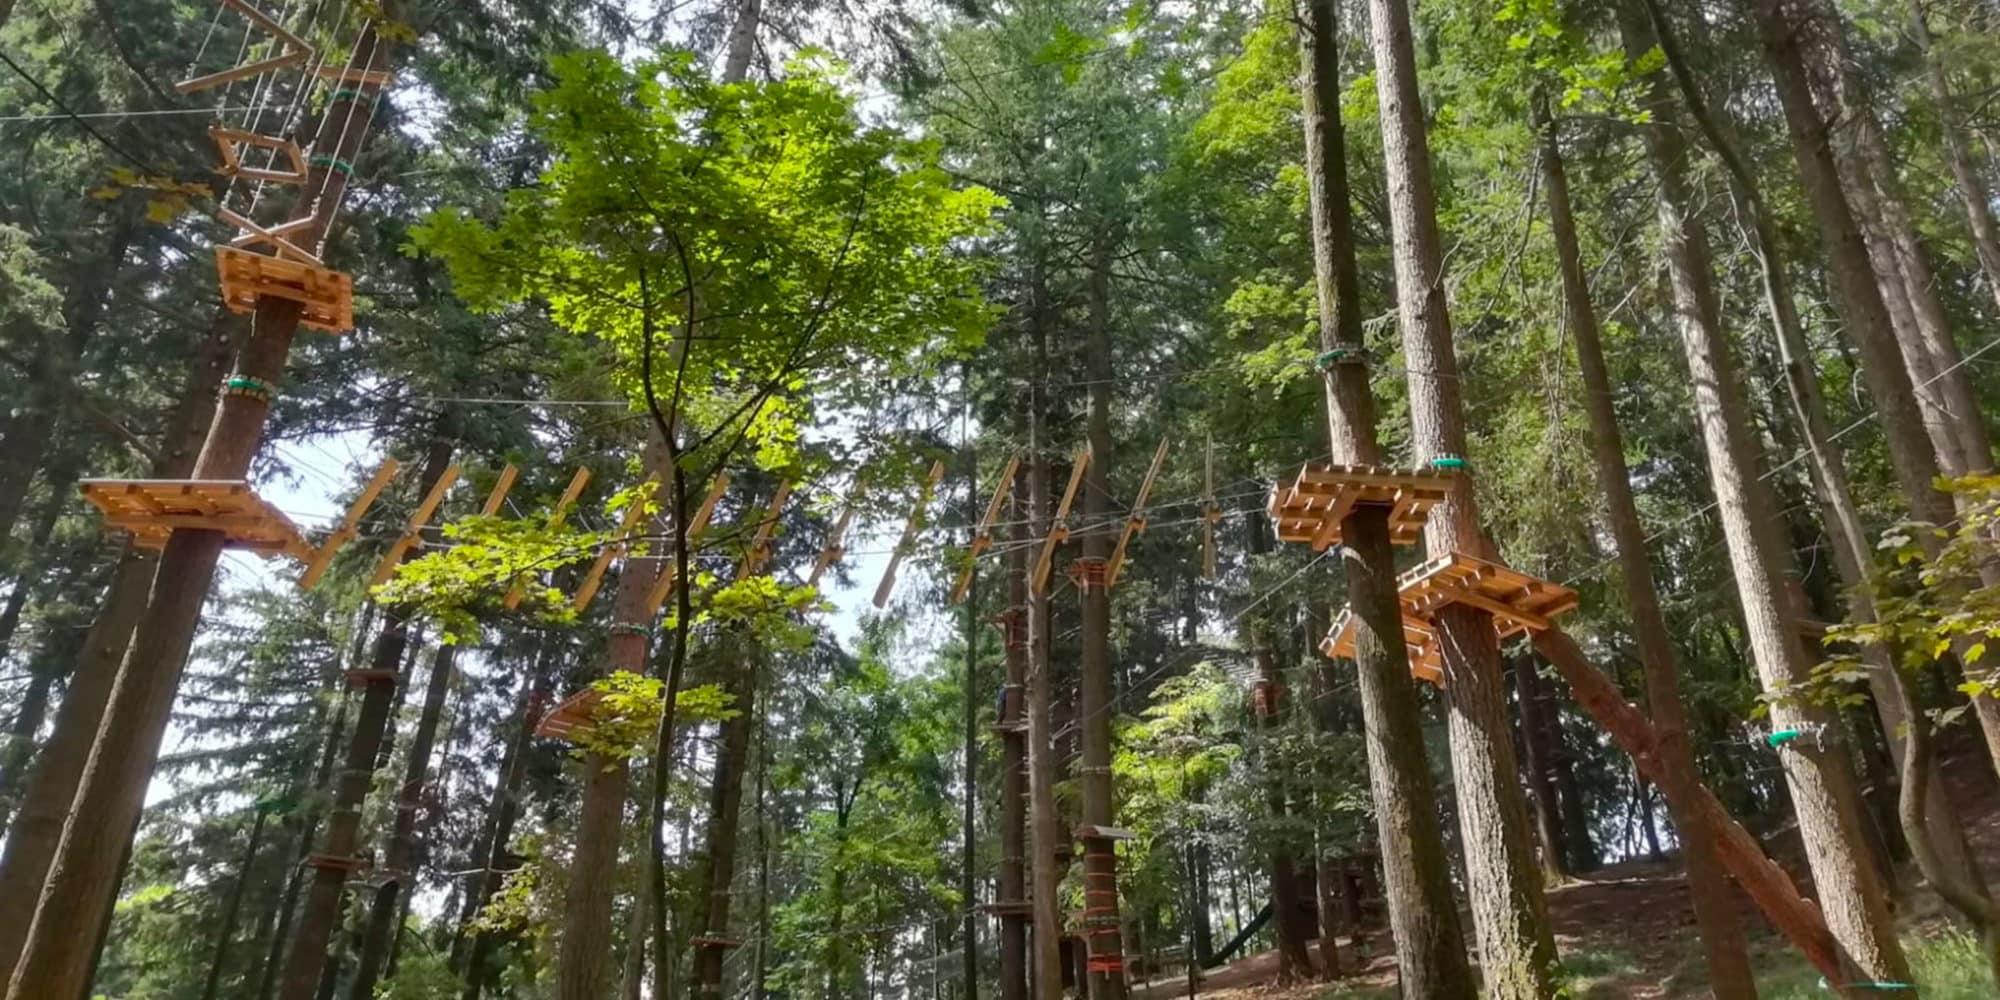 Percorsi tra gli alberi nel parco dell'Alpe del Vicerè